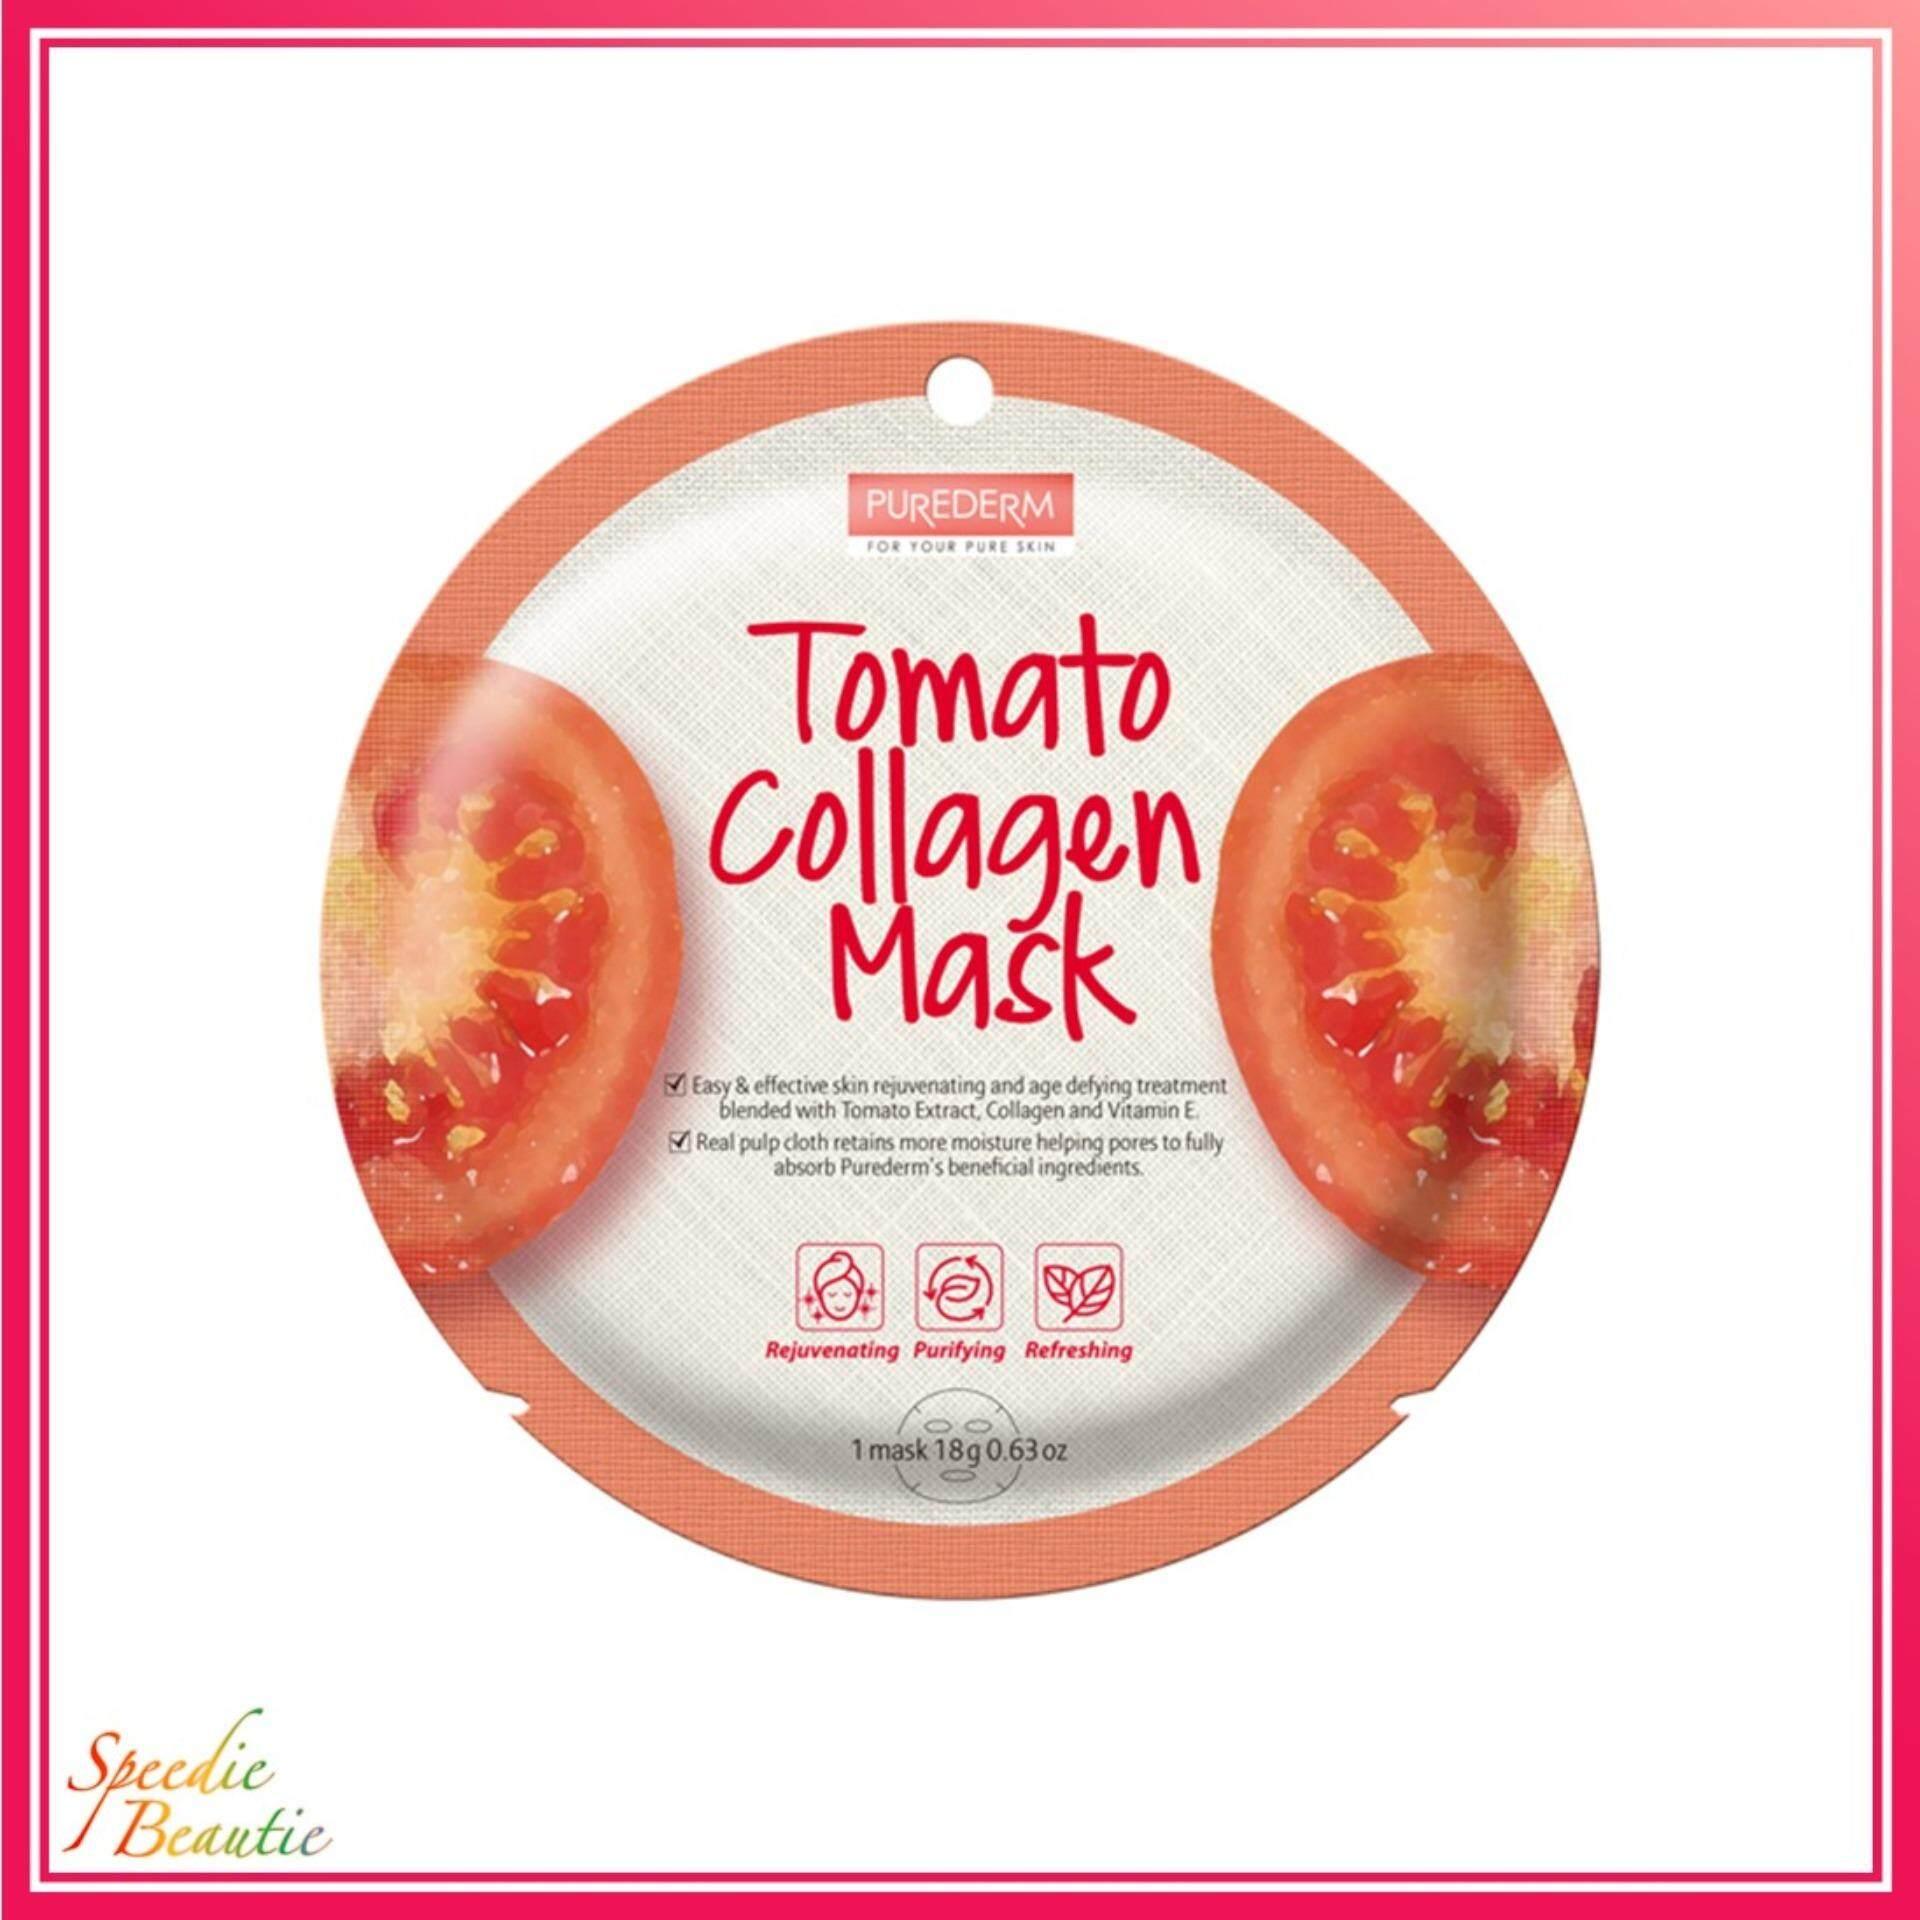 PUREDERM Tomato Collagen Mask 18g